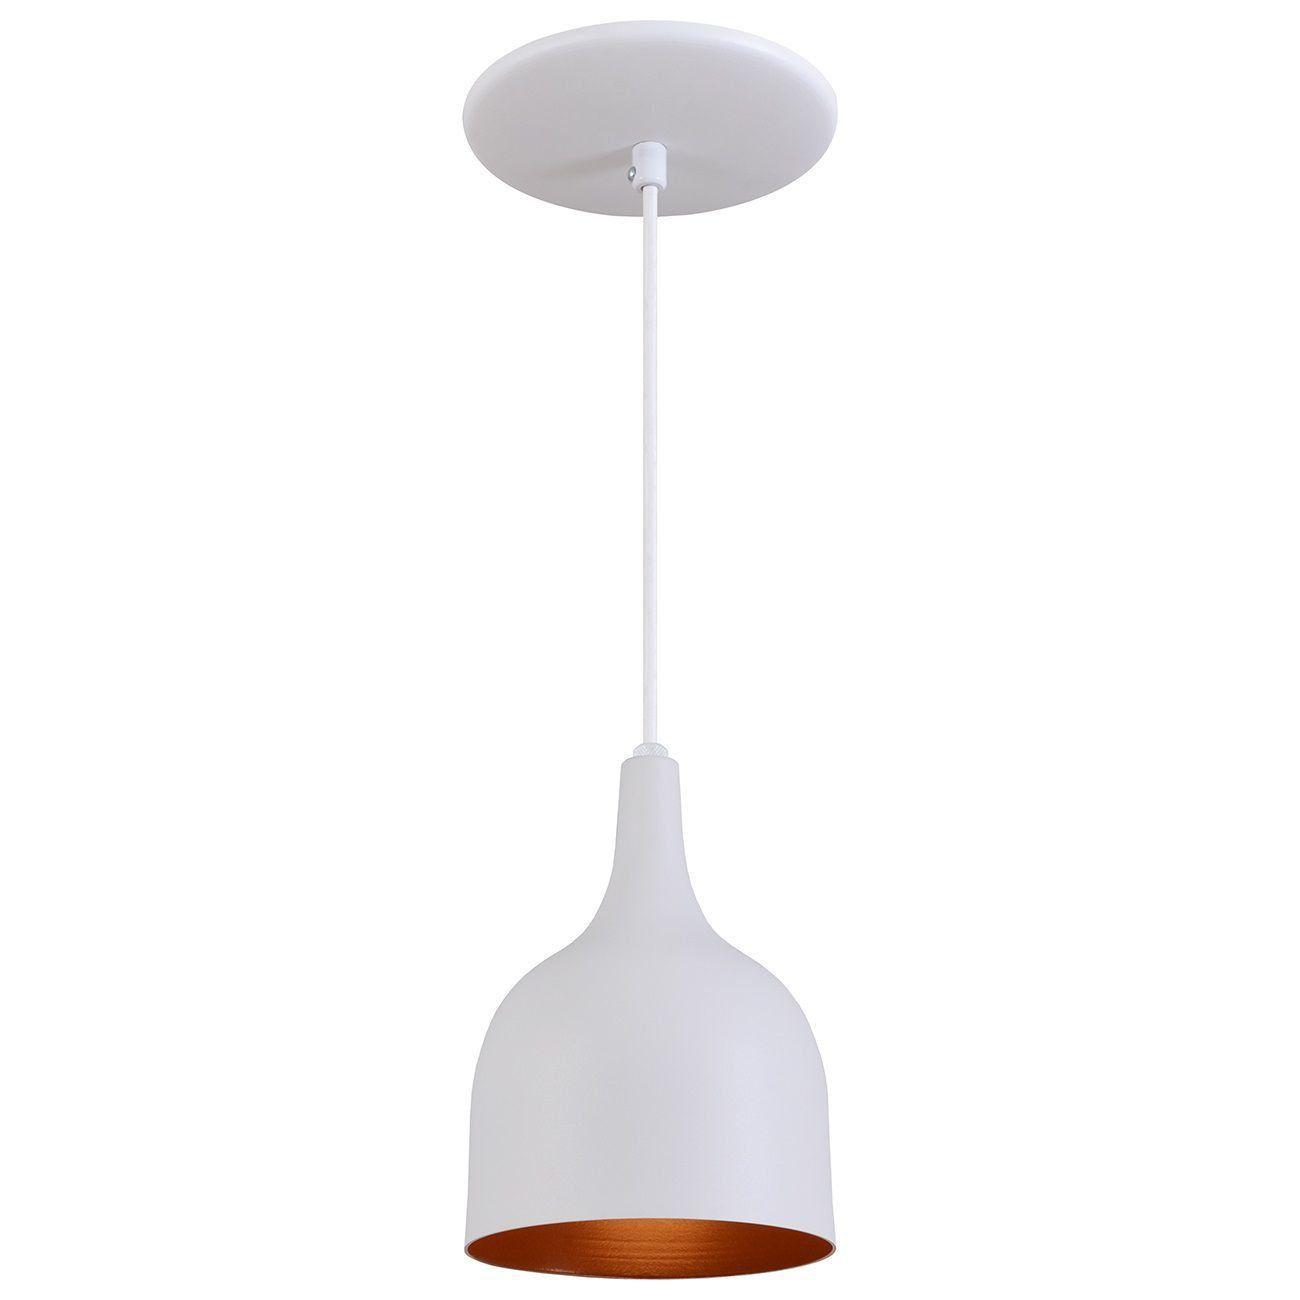 Pendente Gota Teat Luminária Lustre Alumínio Branco Textura C/ Cobre - Rei Da Iluminação